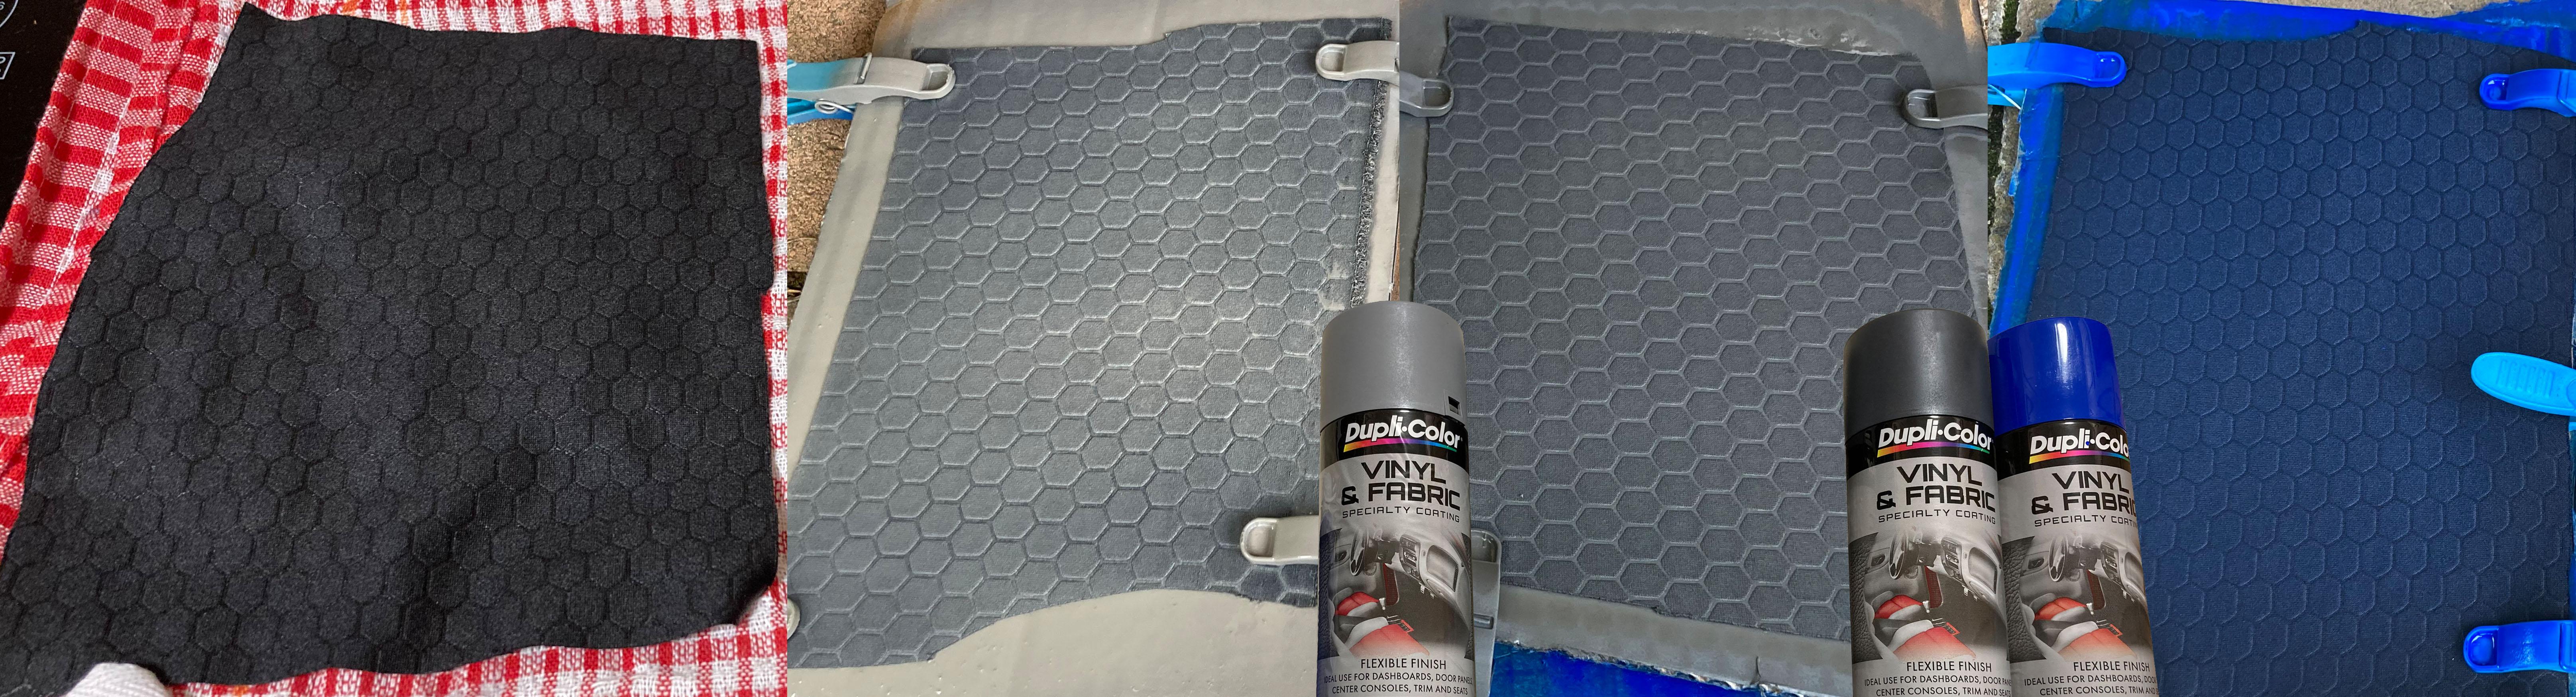 (7b) Fabric Spray Tests.jpg